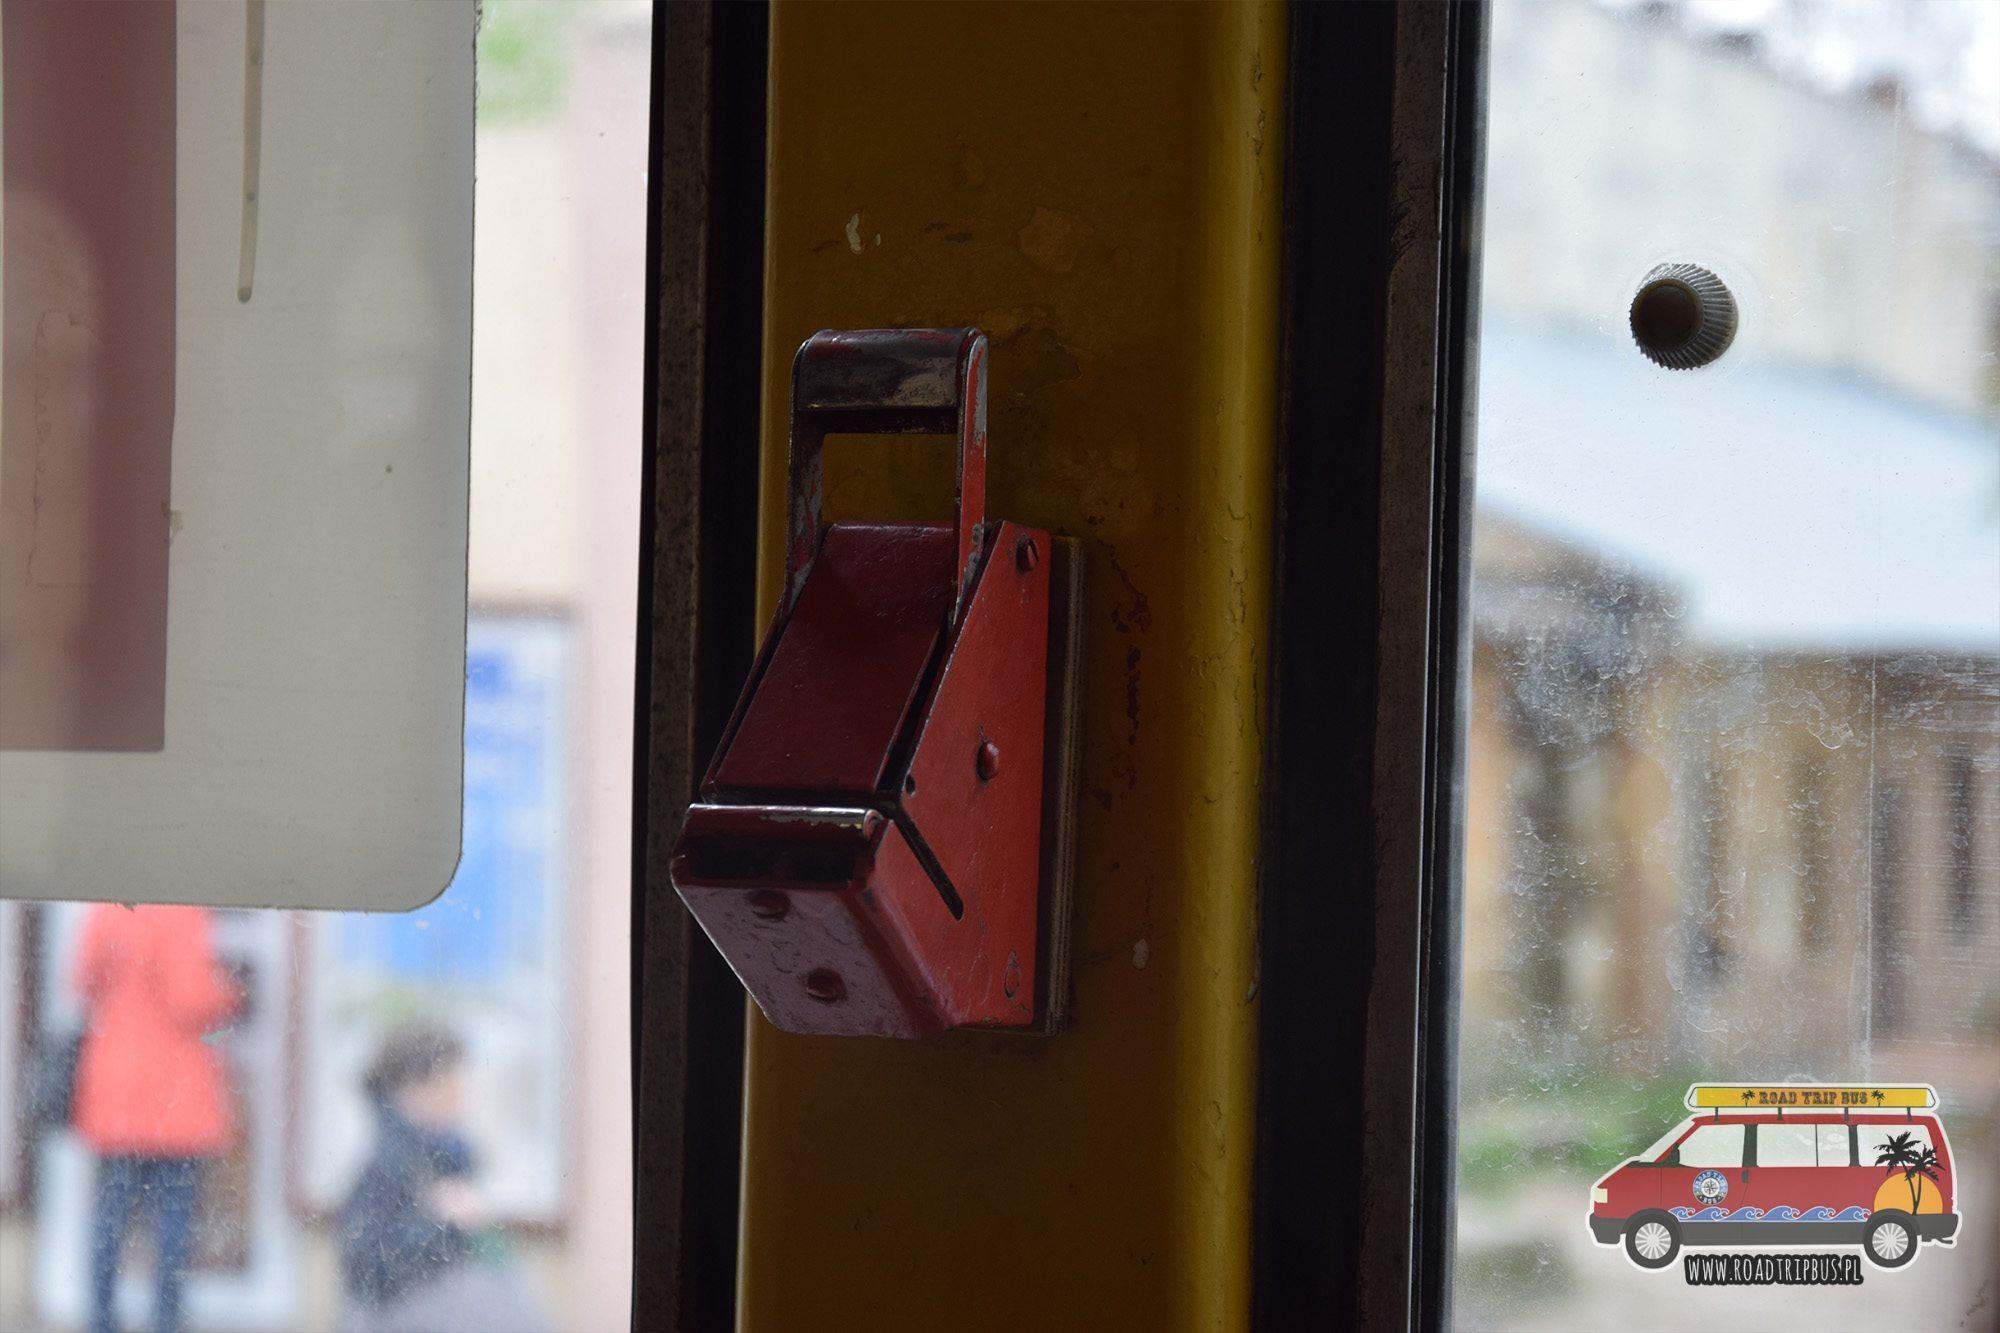 Kasowanie biletów w tramwajach odbywa się poprzez ich dziurkowanie w ręcznym kasowniku.